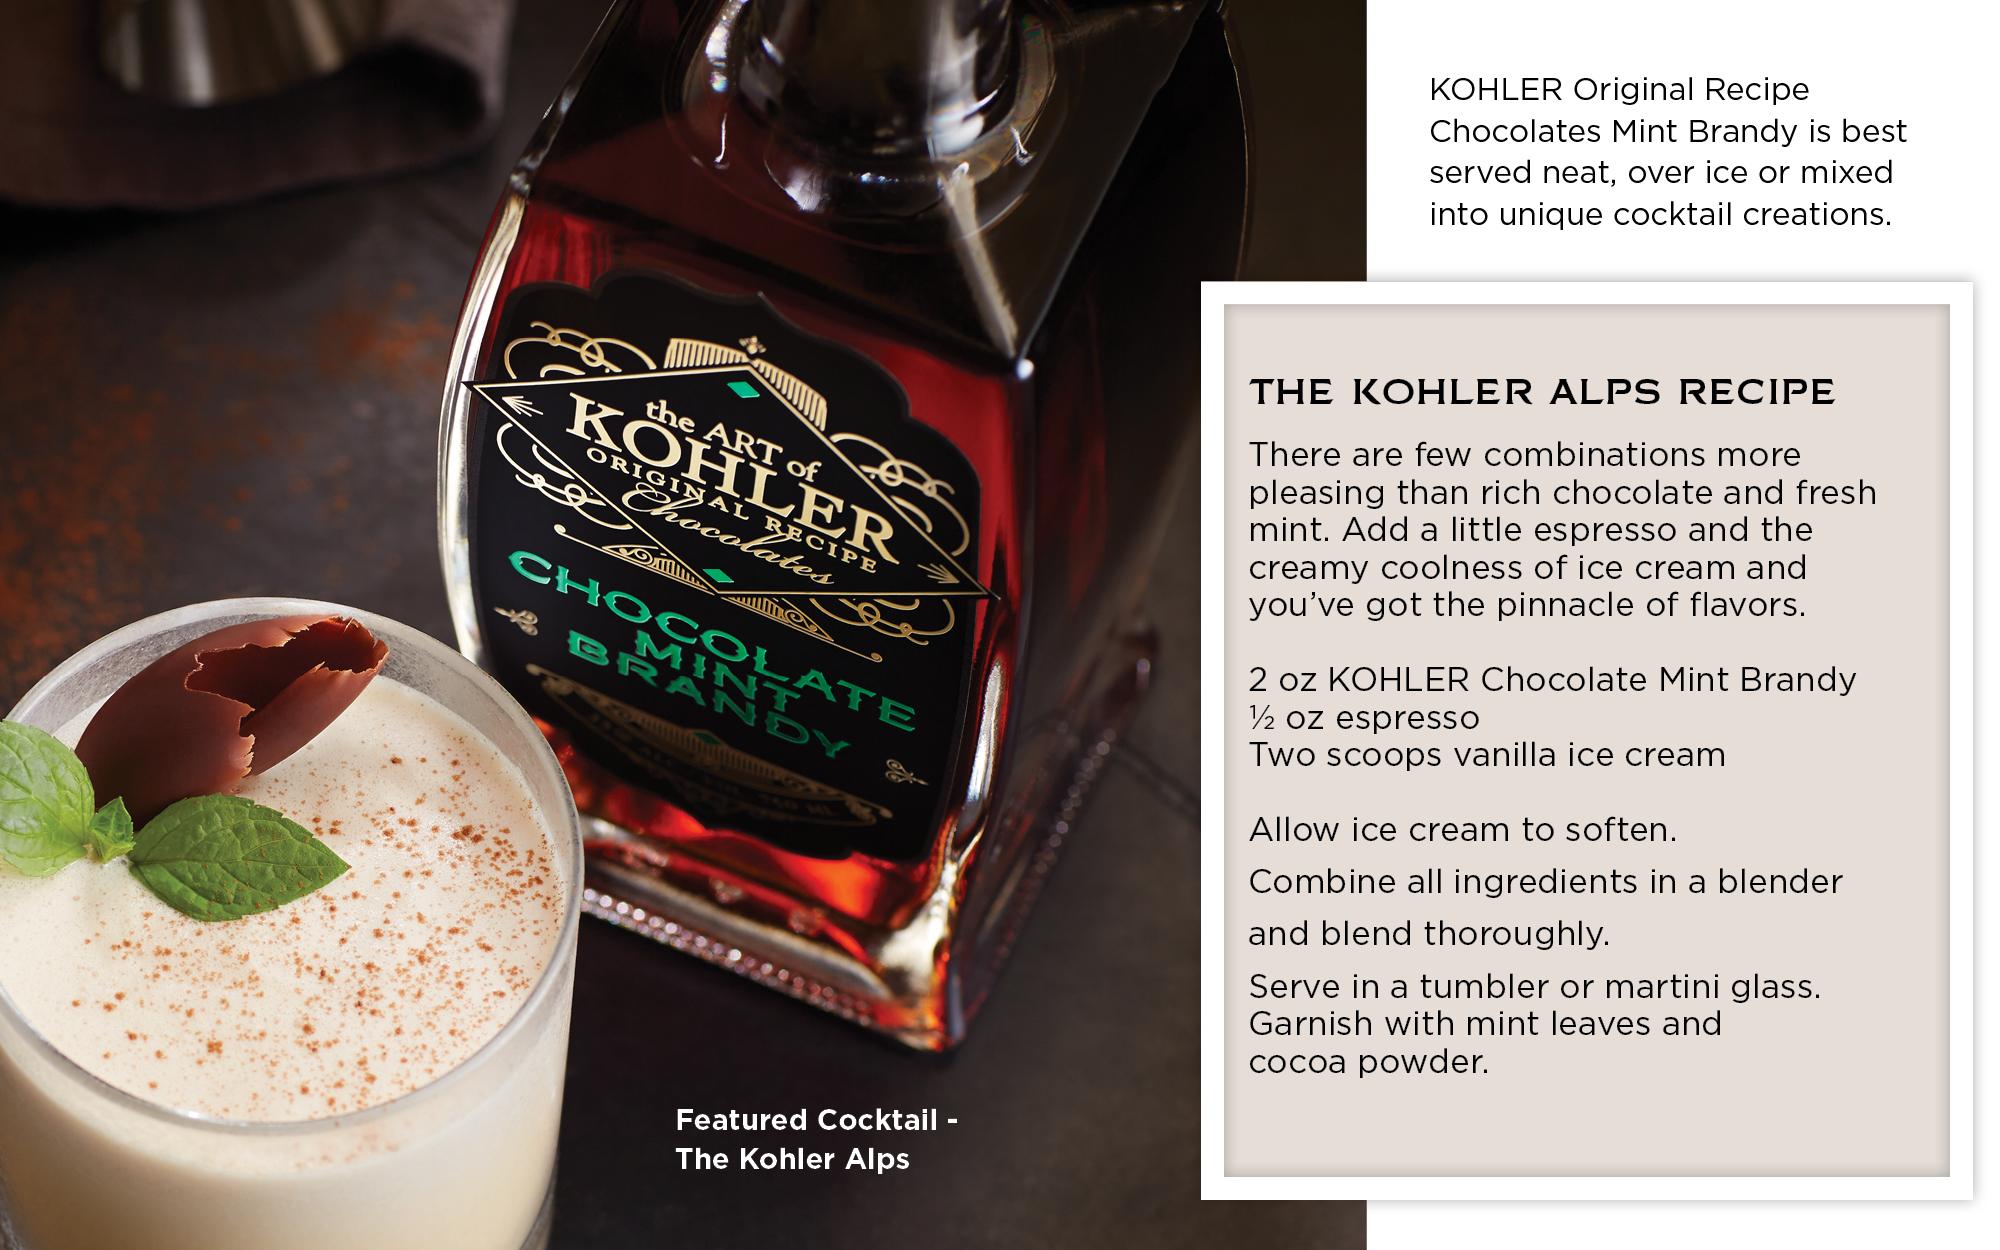 Kohler Original Recipe Mint Brandy – The Kohler Alps